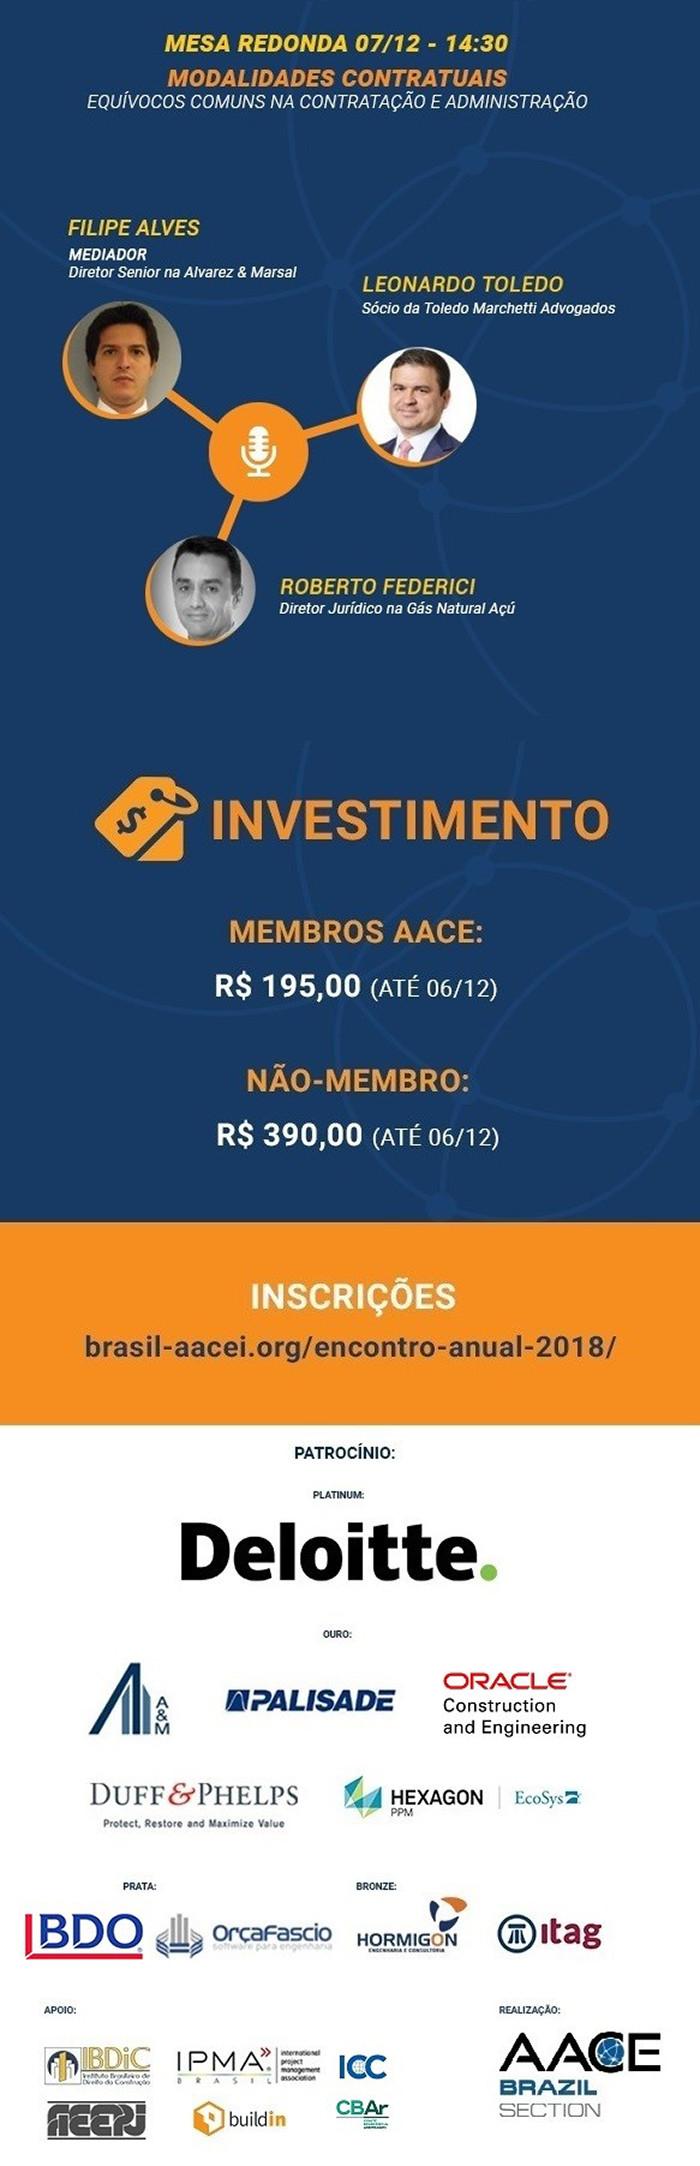 VI Encontro Anual da Associação para Desenvolvimento da Engenharia de Custos (AACE Brasil)